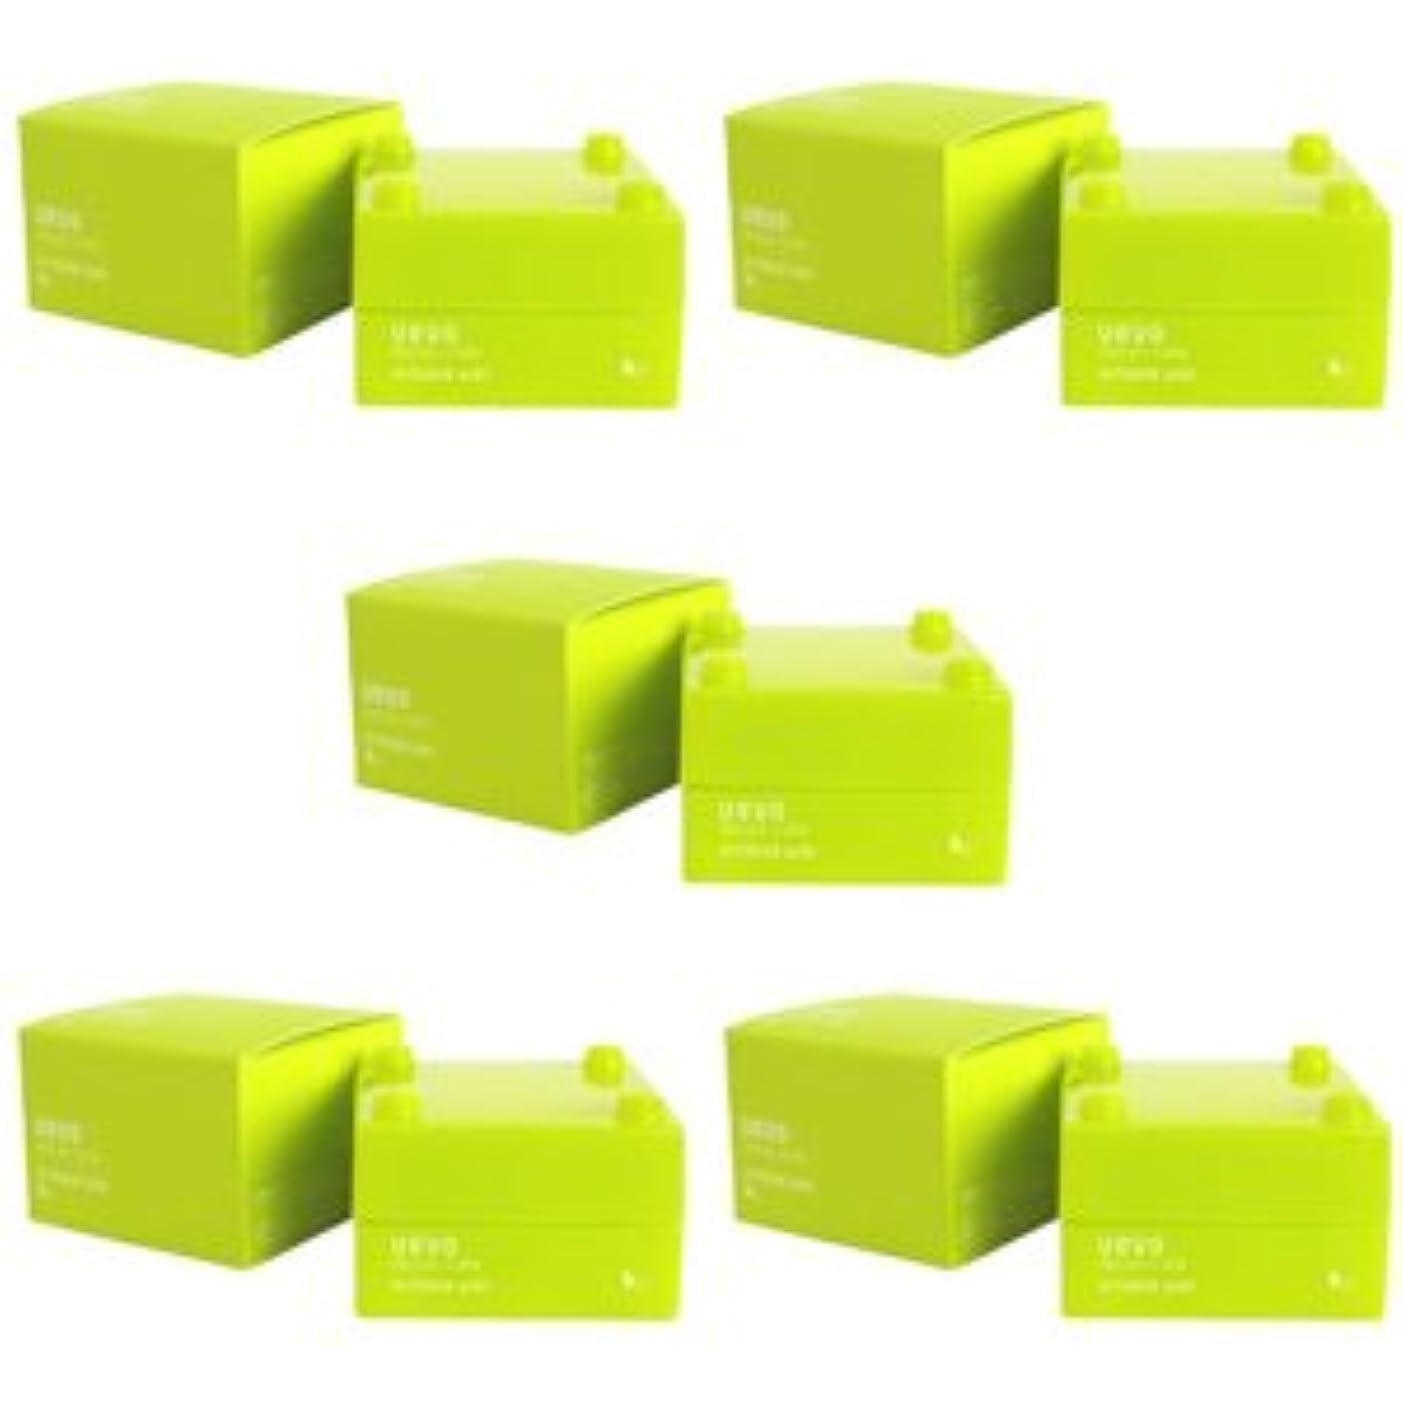 シャー消費腹【X5個セット】 デミ ウェーボ デザインキューブ エアルーズワックス 30g airloose wax DEMI uevo design cube